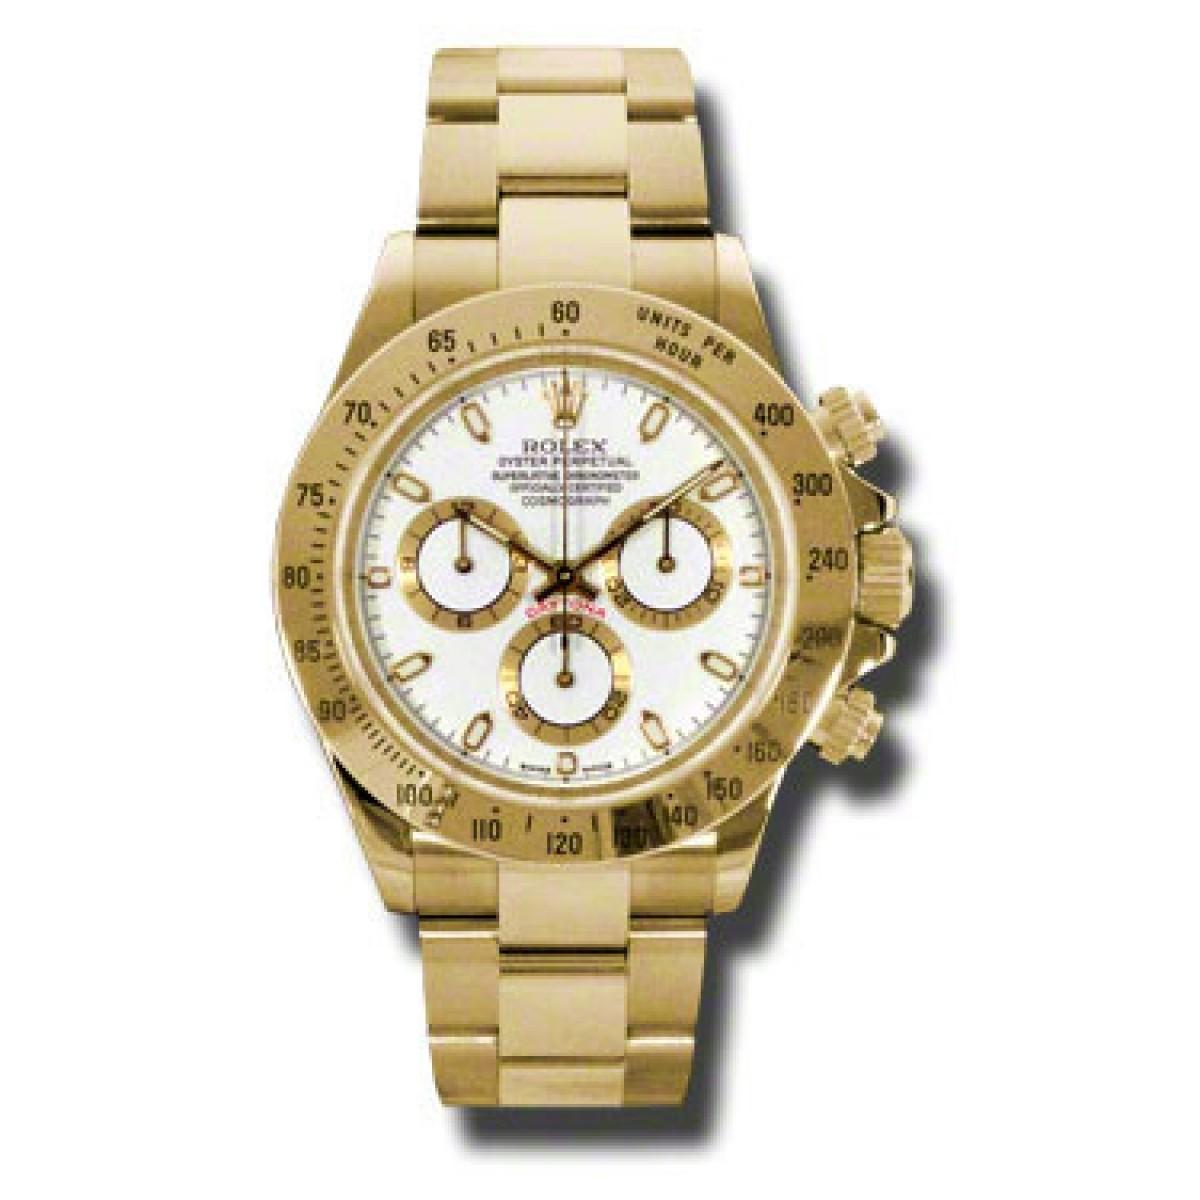 5990b04de8d Relógio Réplica Rolex Daytona Dourado Branco